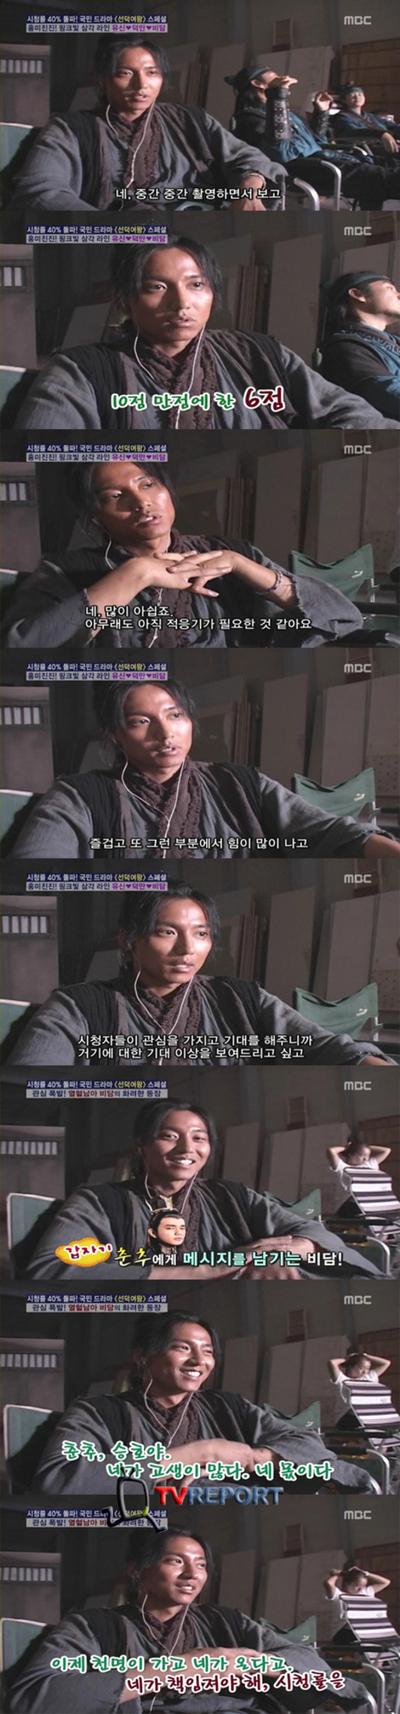 """김남길, """"비담 10점 만점에 6점...시청률은 유승호 몫"""""""